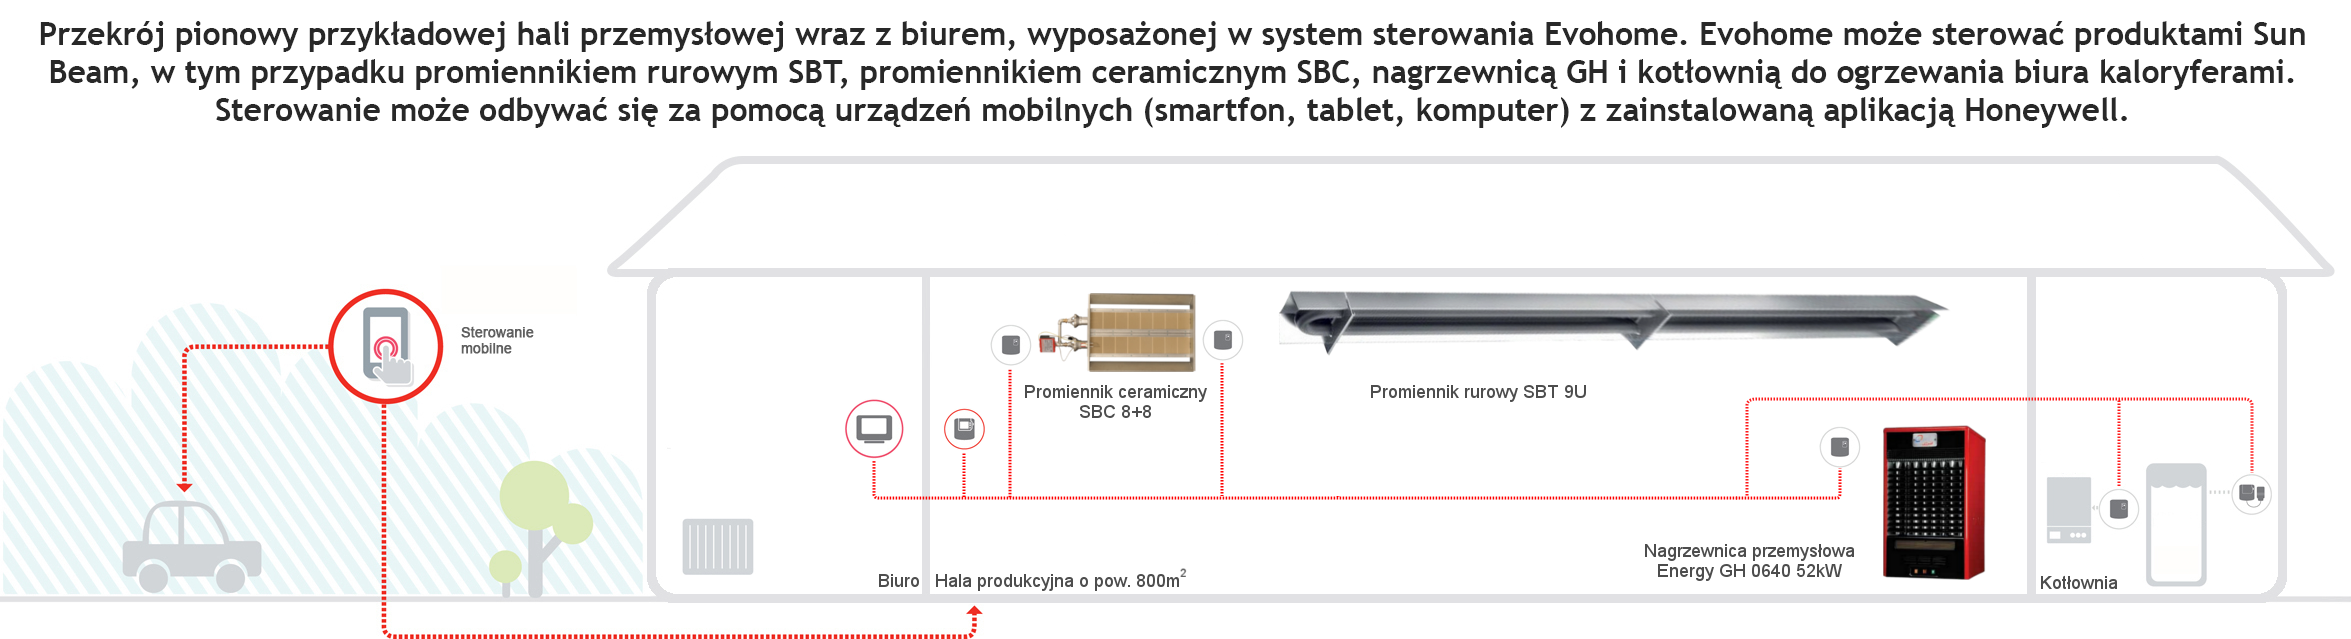 Schemat sterowania temperaturowego promienników gazowych i nagrzewnic firmy Sun Beam